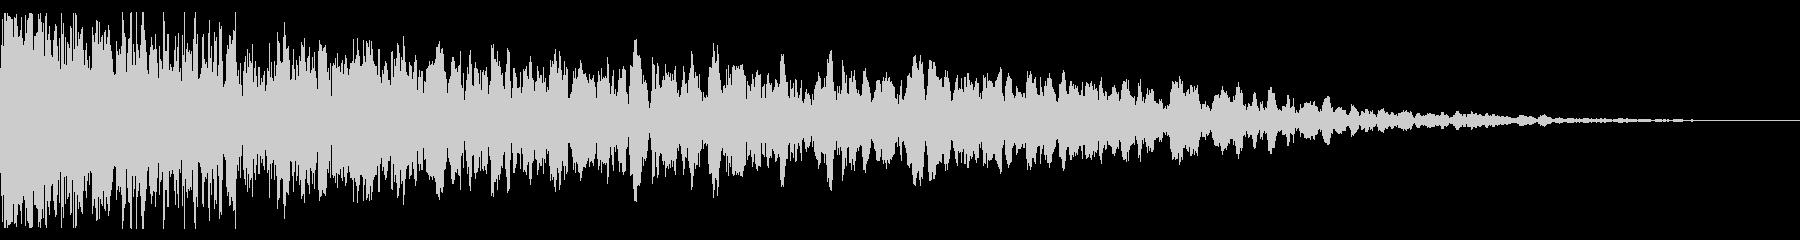 中空スプリングメタルヒットの未再生の波形